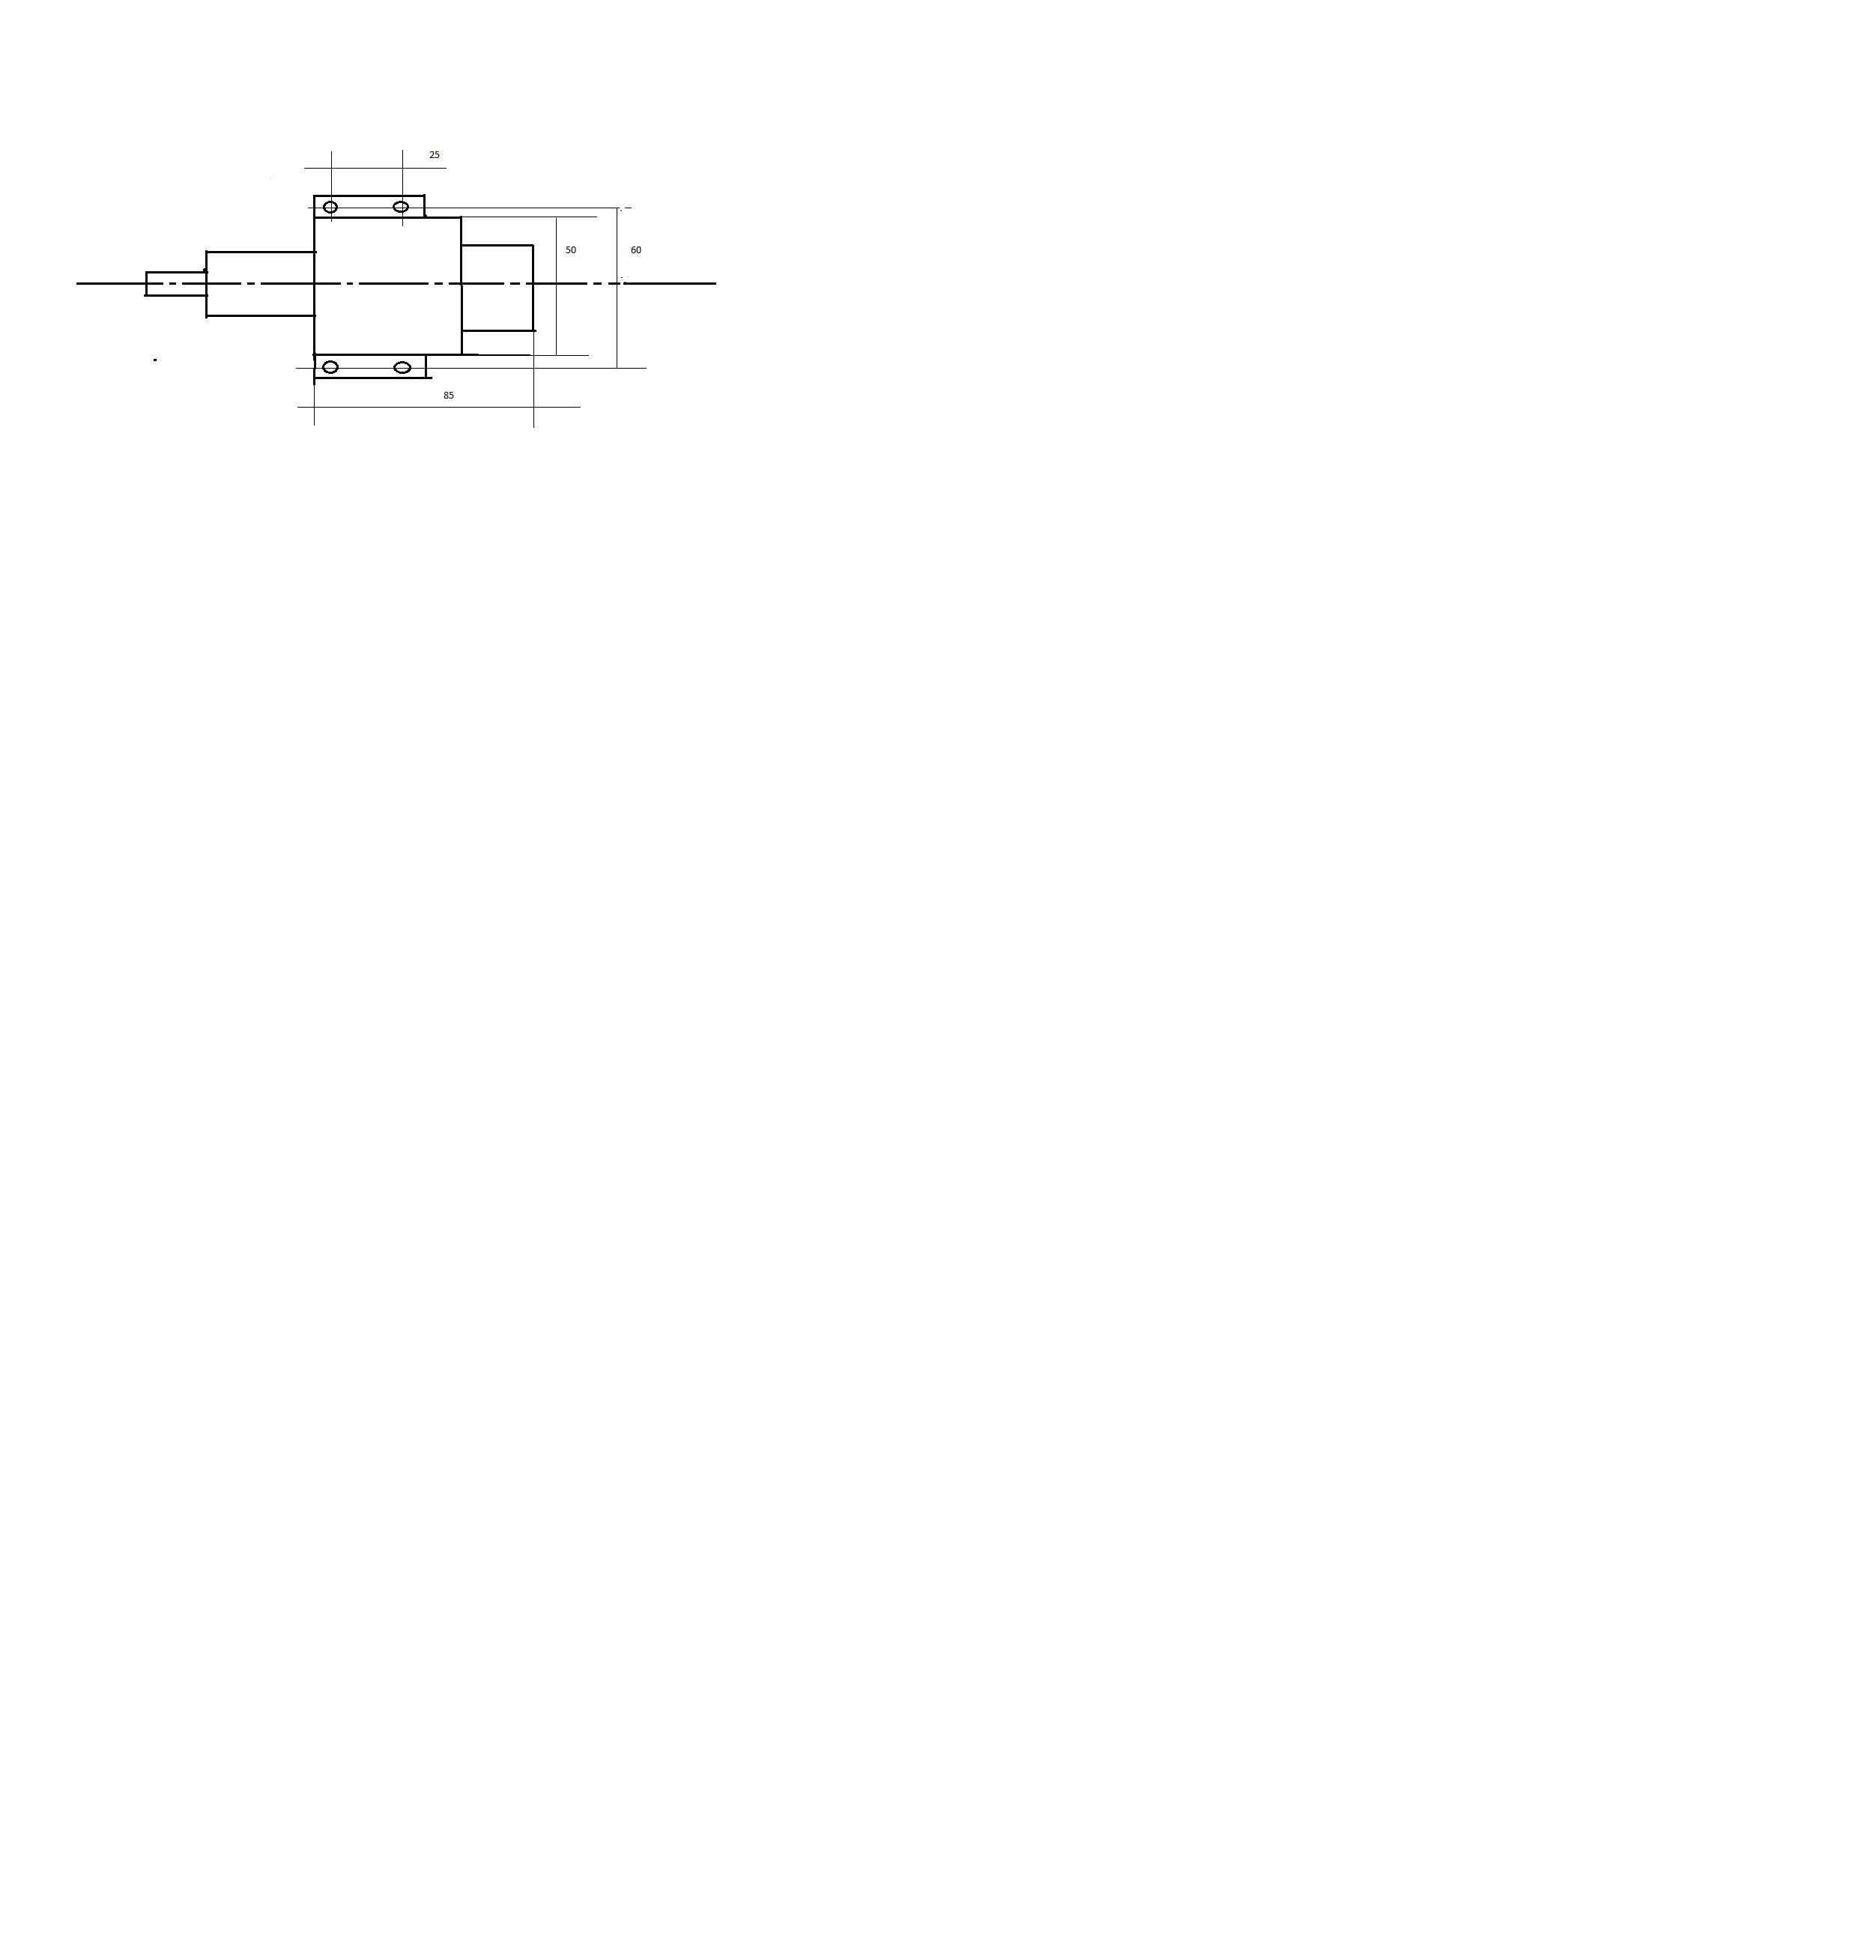 инструкция авиамодельный двигатель бензиновый dle 55